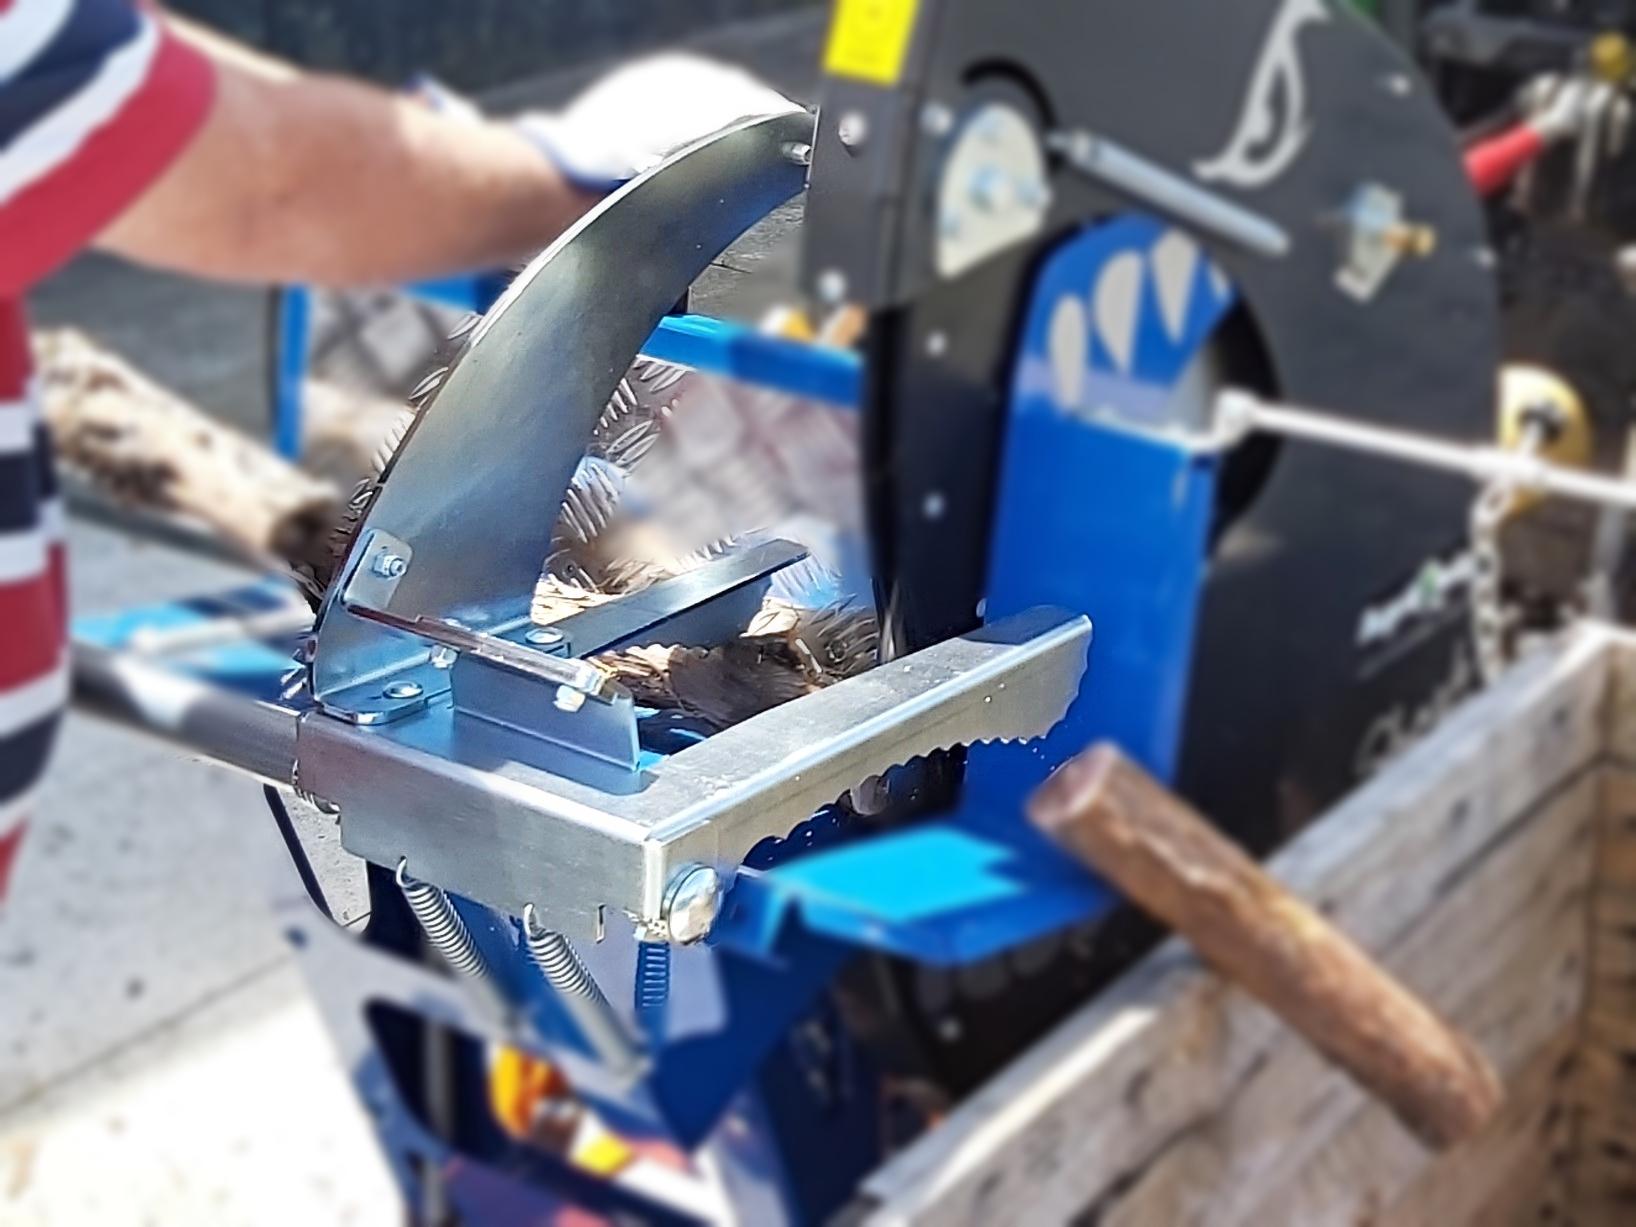 R700_Shark_Safe_Log_Holder_Clamp_Blurred